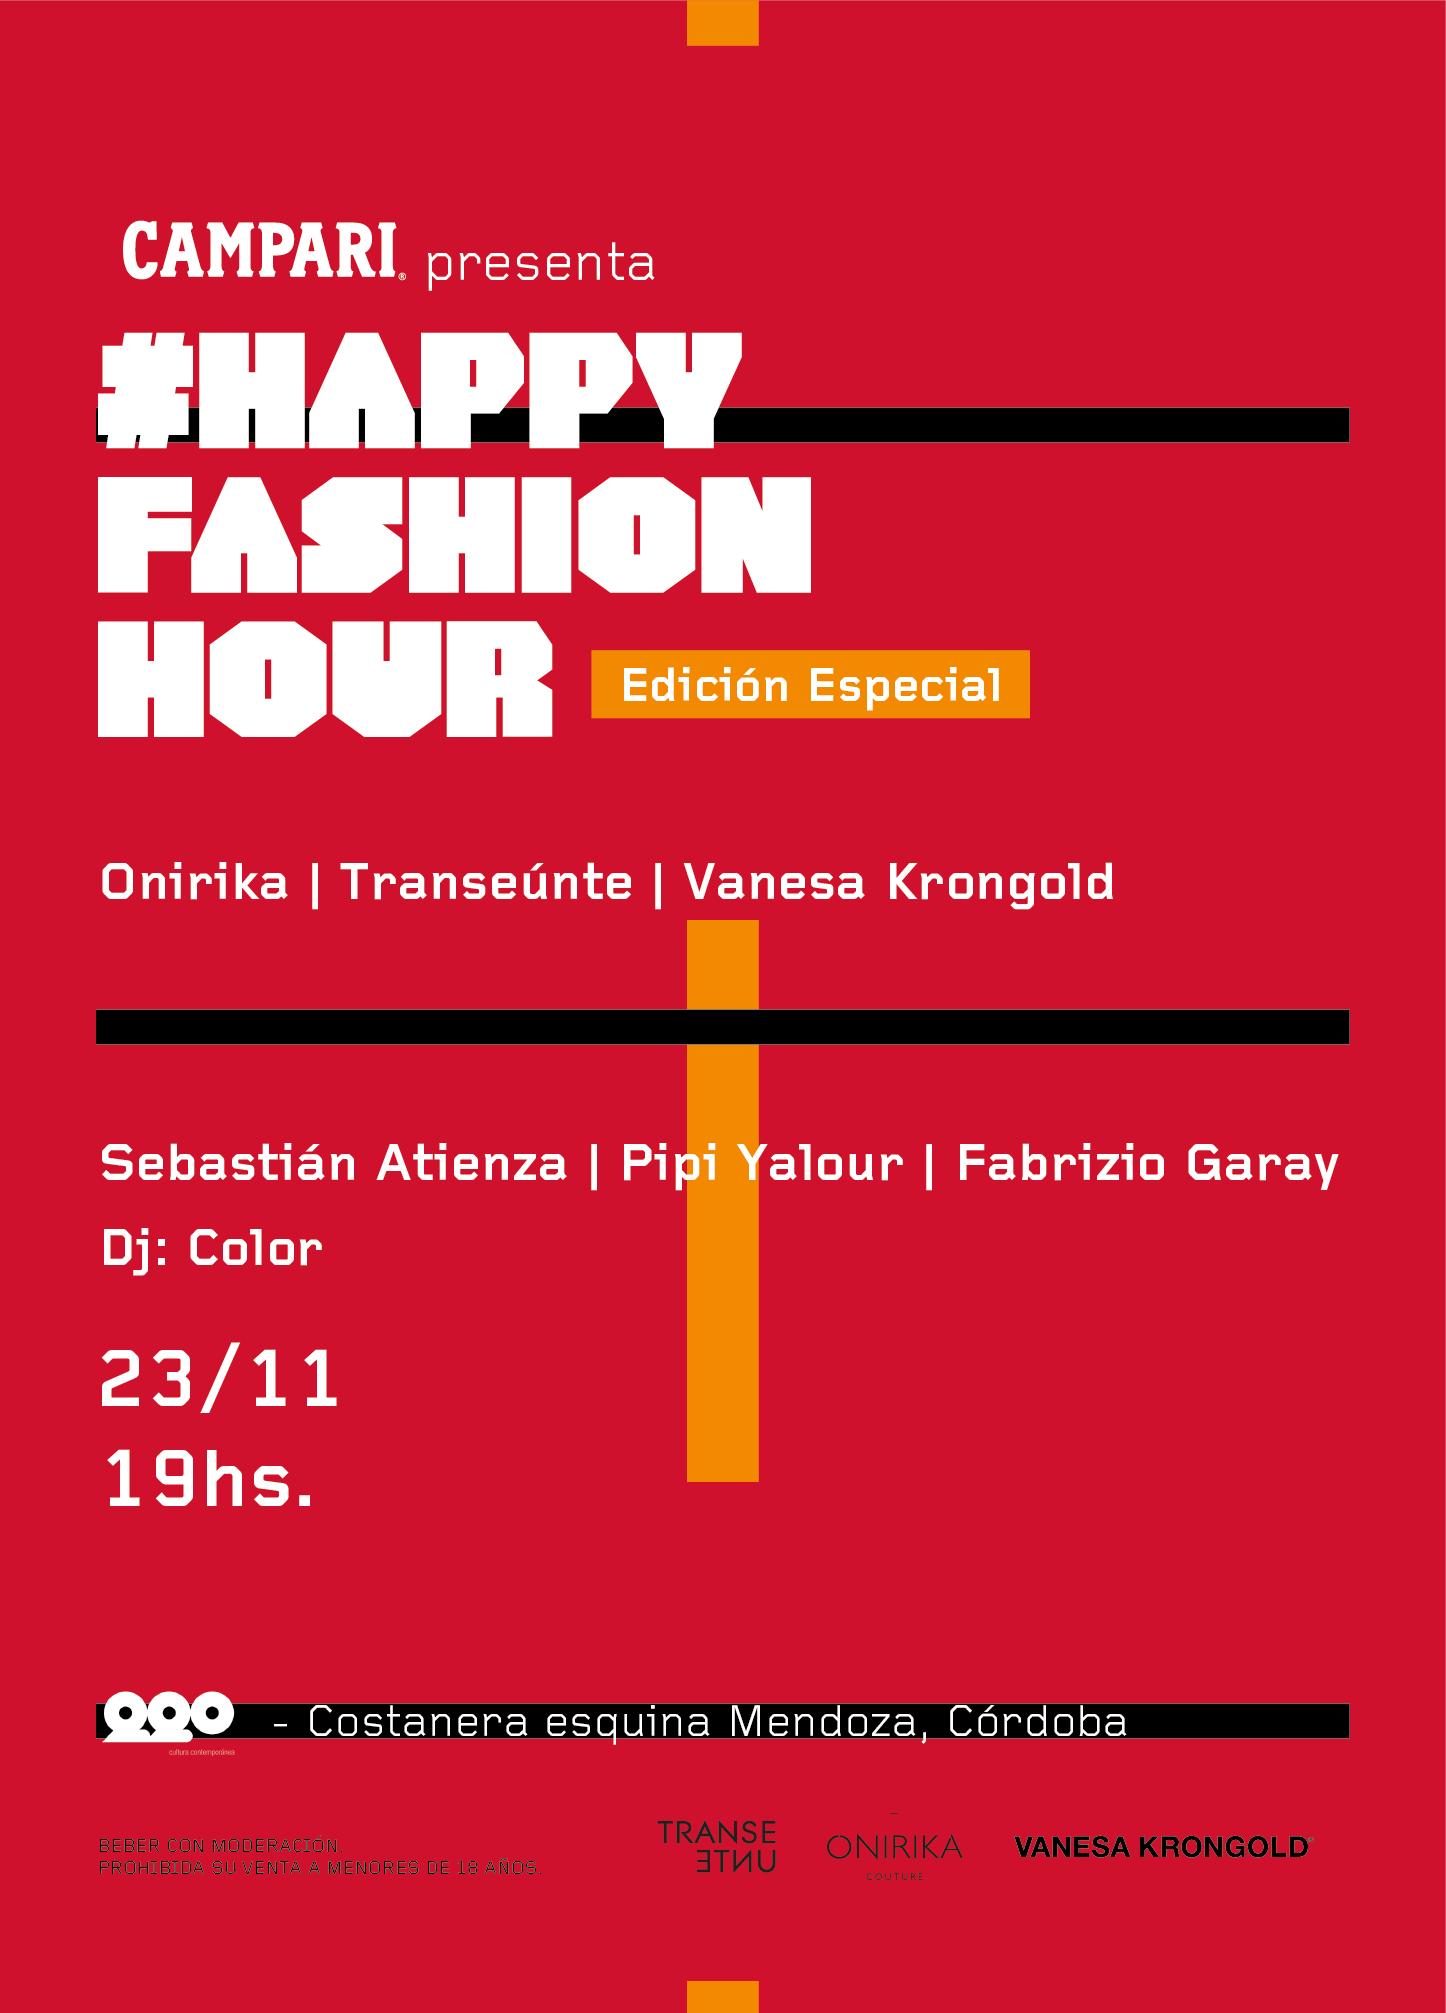 Campari presenta una Edición Especial de #HappyFashionHour